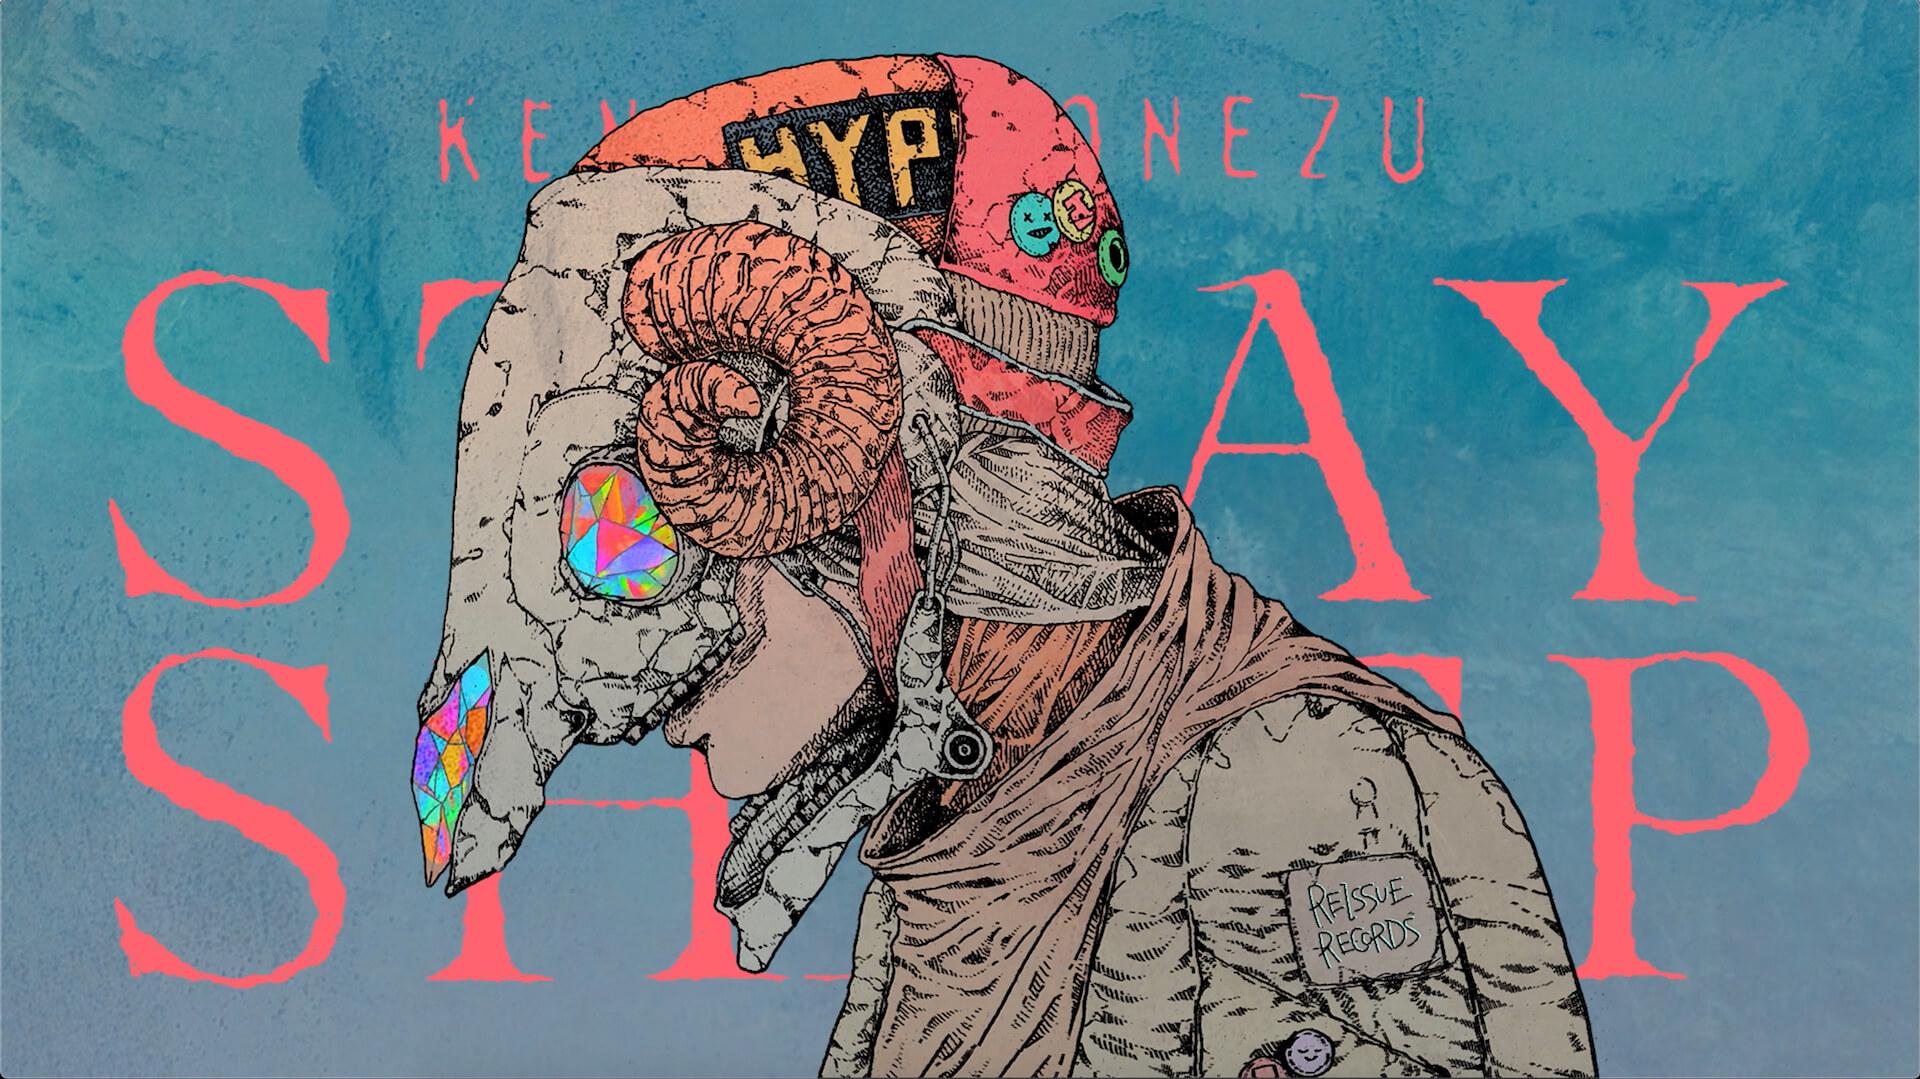 米津玄師ニューアルバム『STRAY SHEEP』を全曲試聴できる!新曲も聴けるクロスフェード動画が公開 music200803_yonezukenshi_3